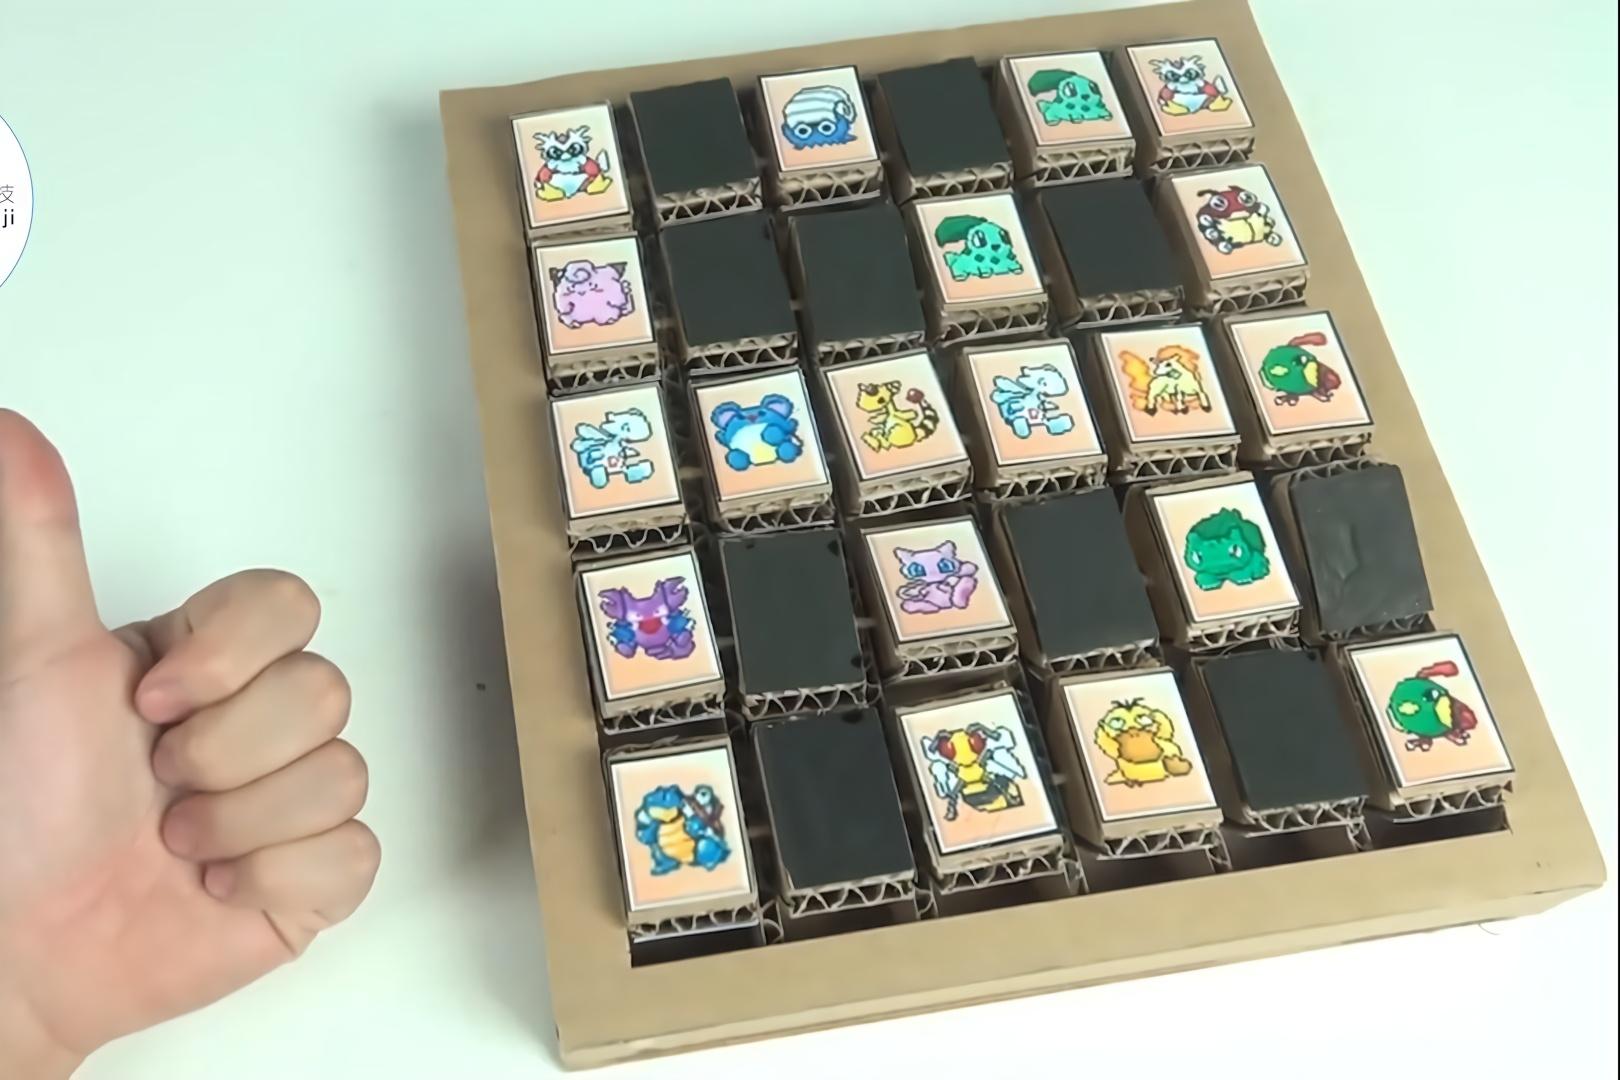 手工达人用纸板制作的游戏机,用小球击倒进攻的小人